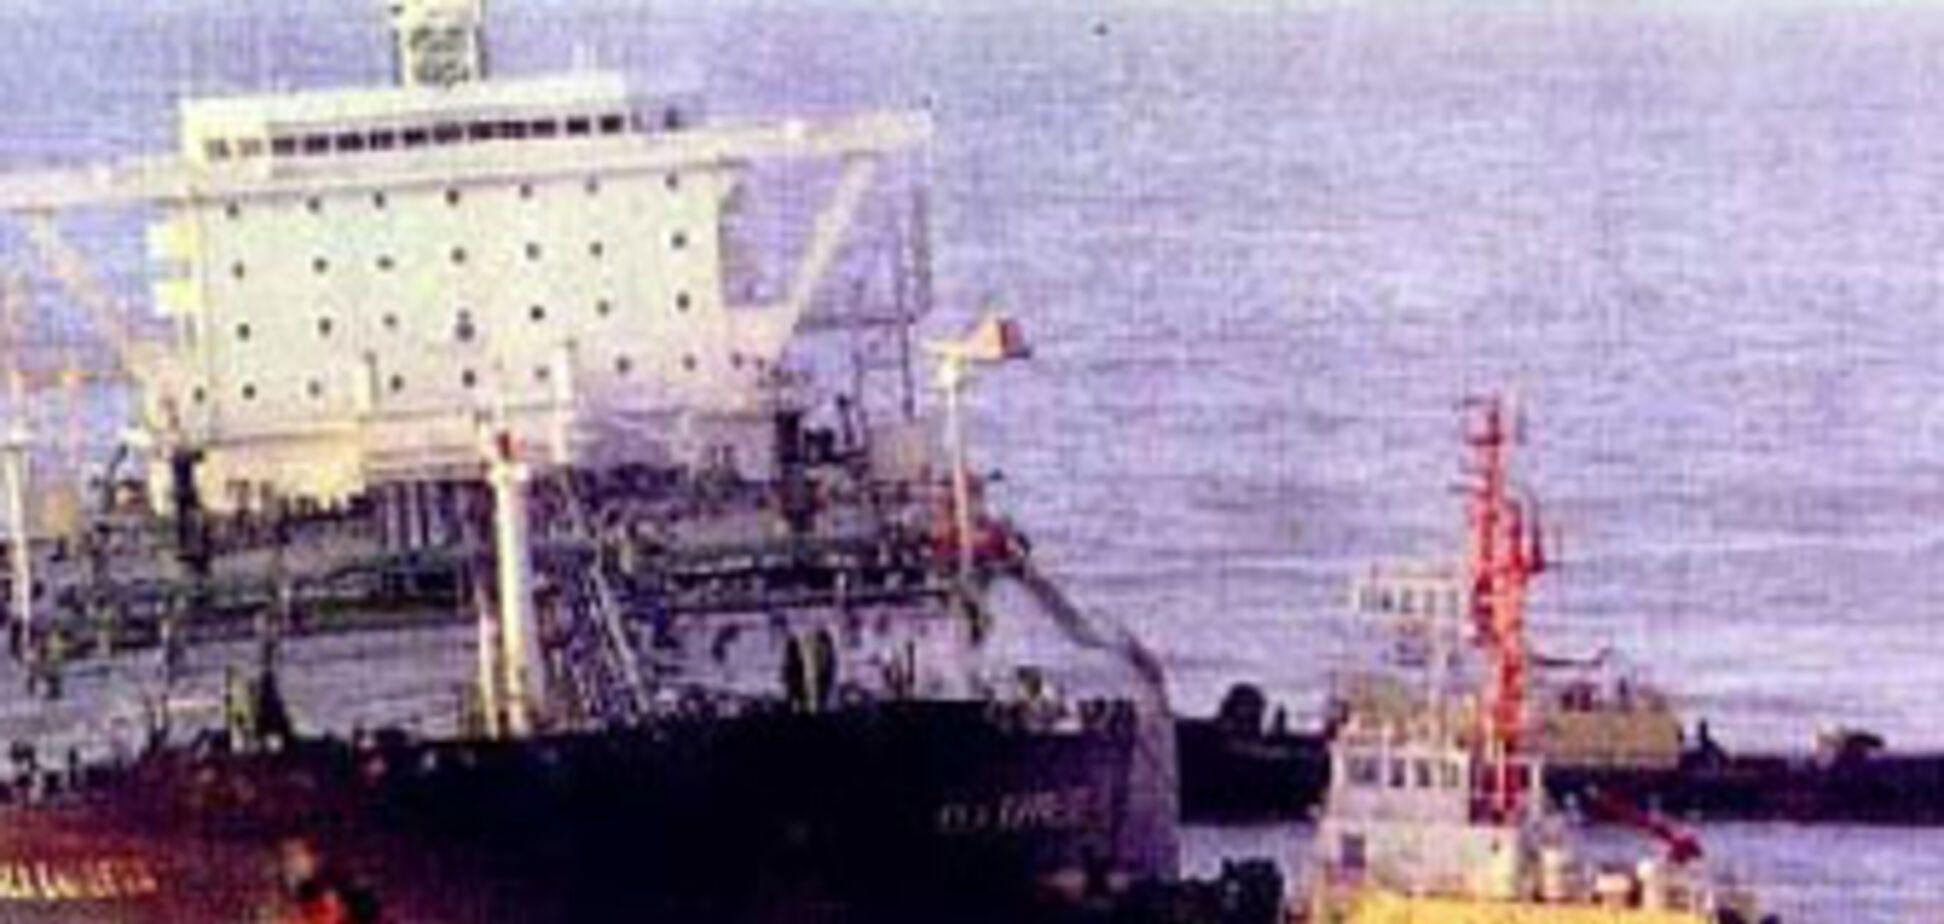 Українських моряків з 'Нафтогаз-67' не показують